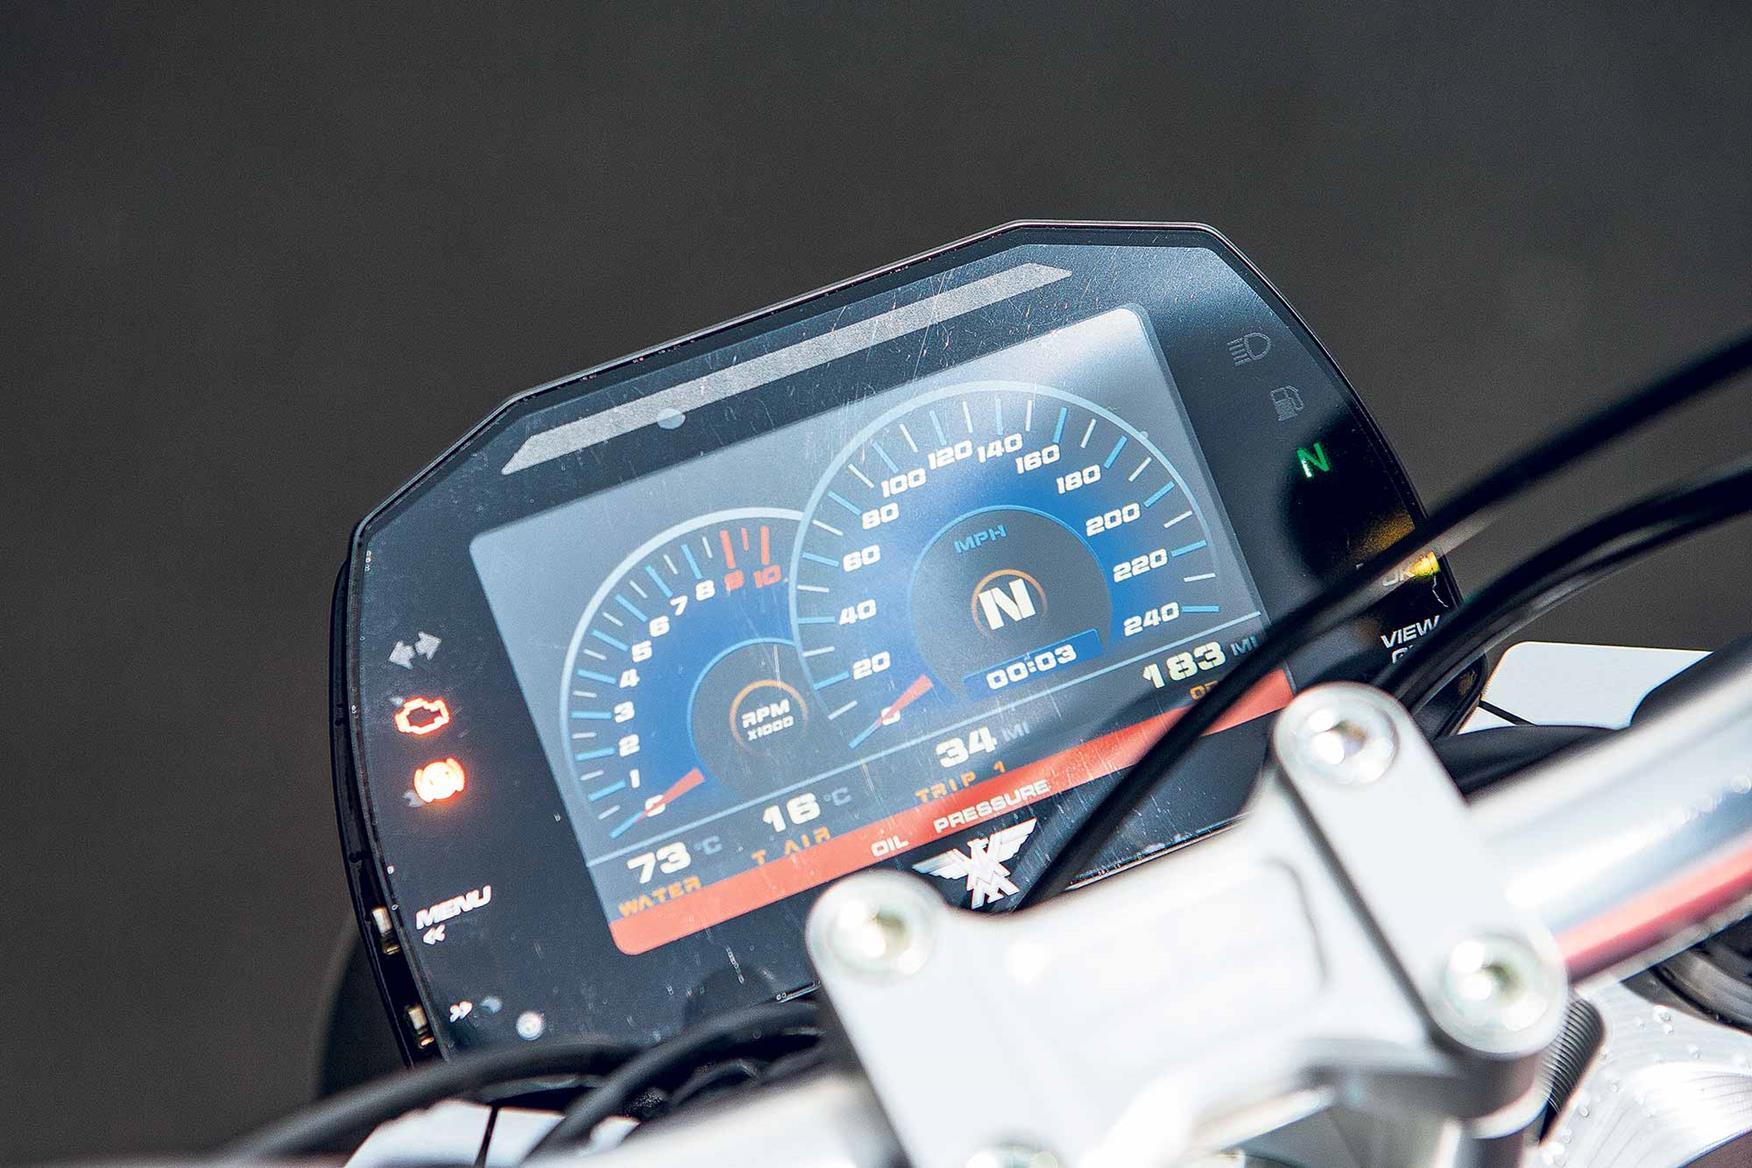 Moto Morini Milano clocks